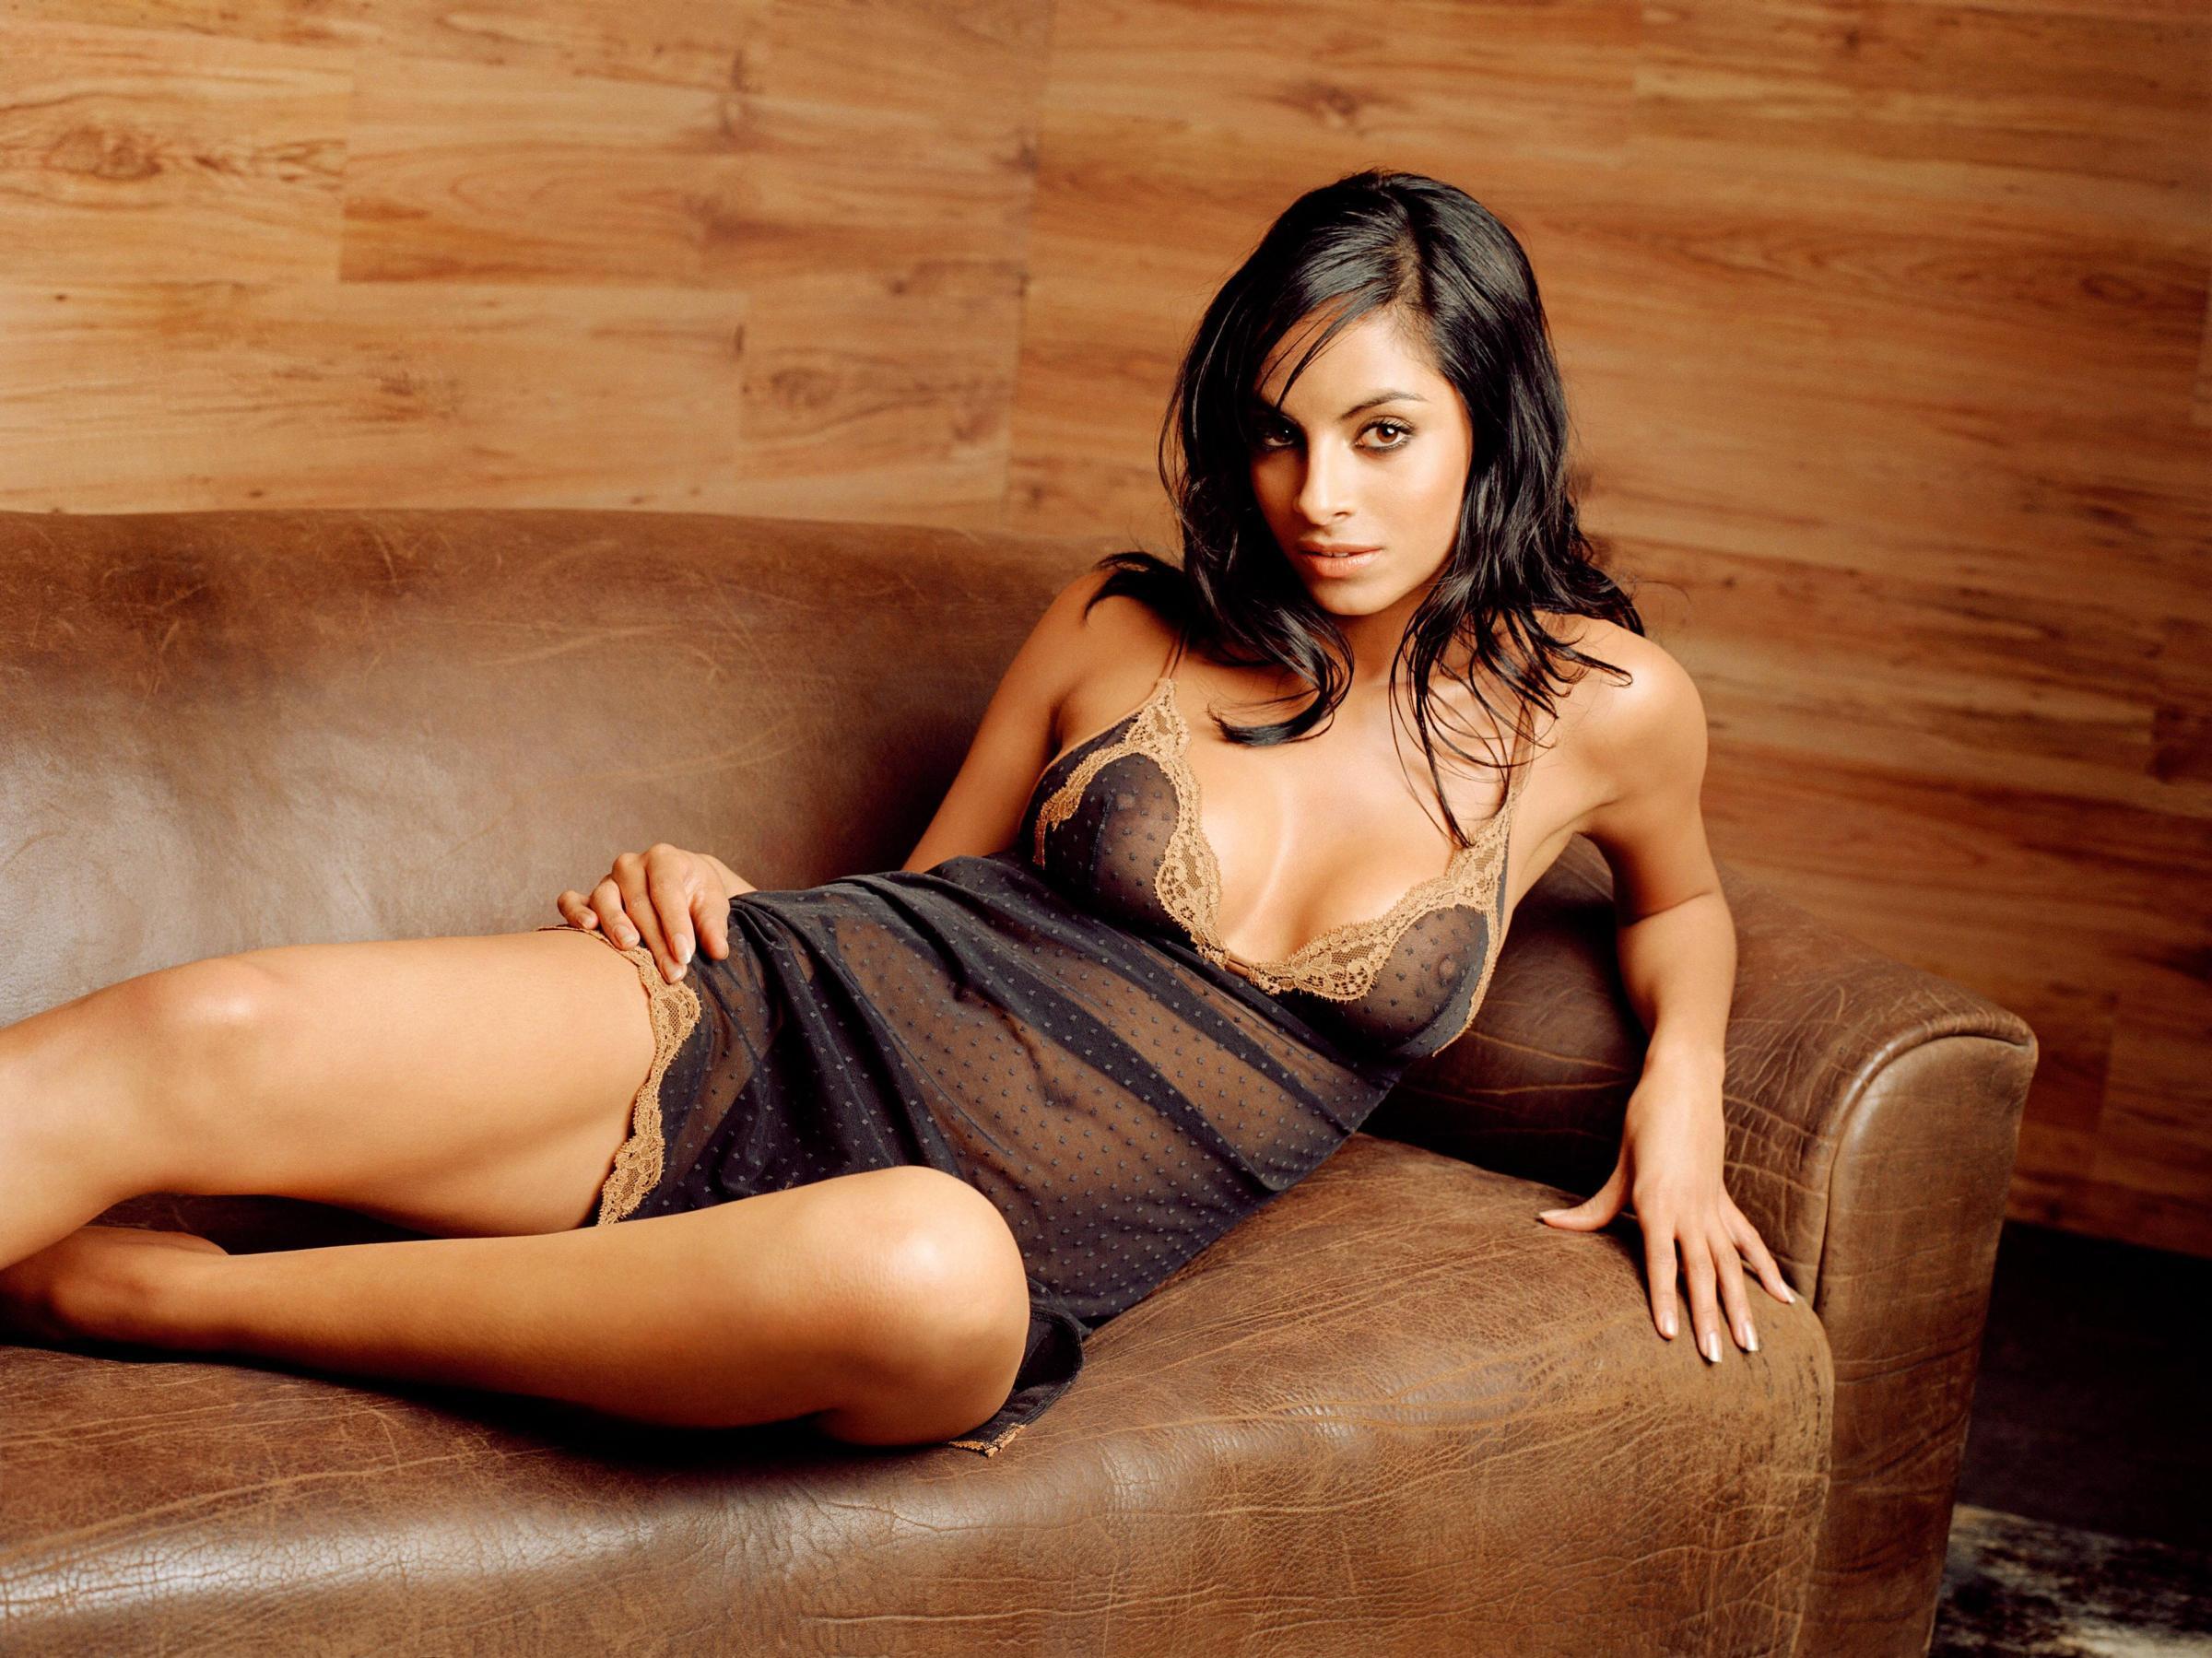 Collien fernandes hot naked